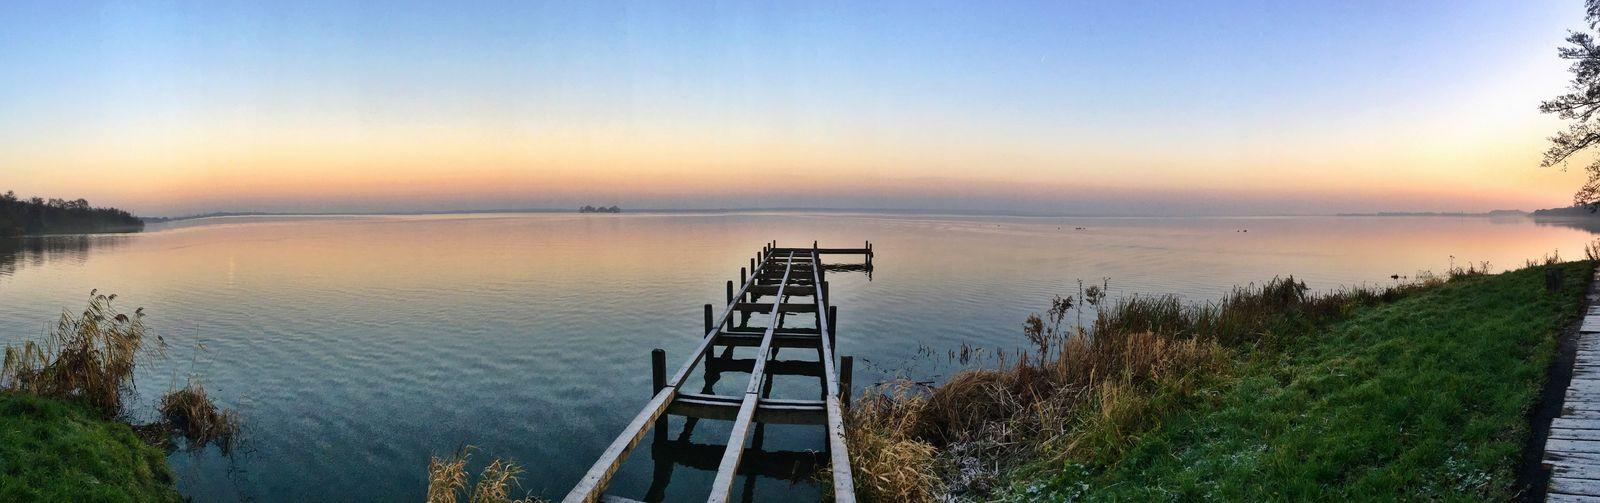 Steinhuder Meer Steinhude-am-meer.de - Dein Meer-Foto Sunrise